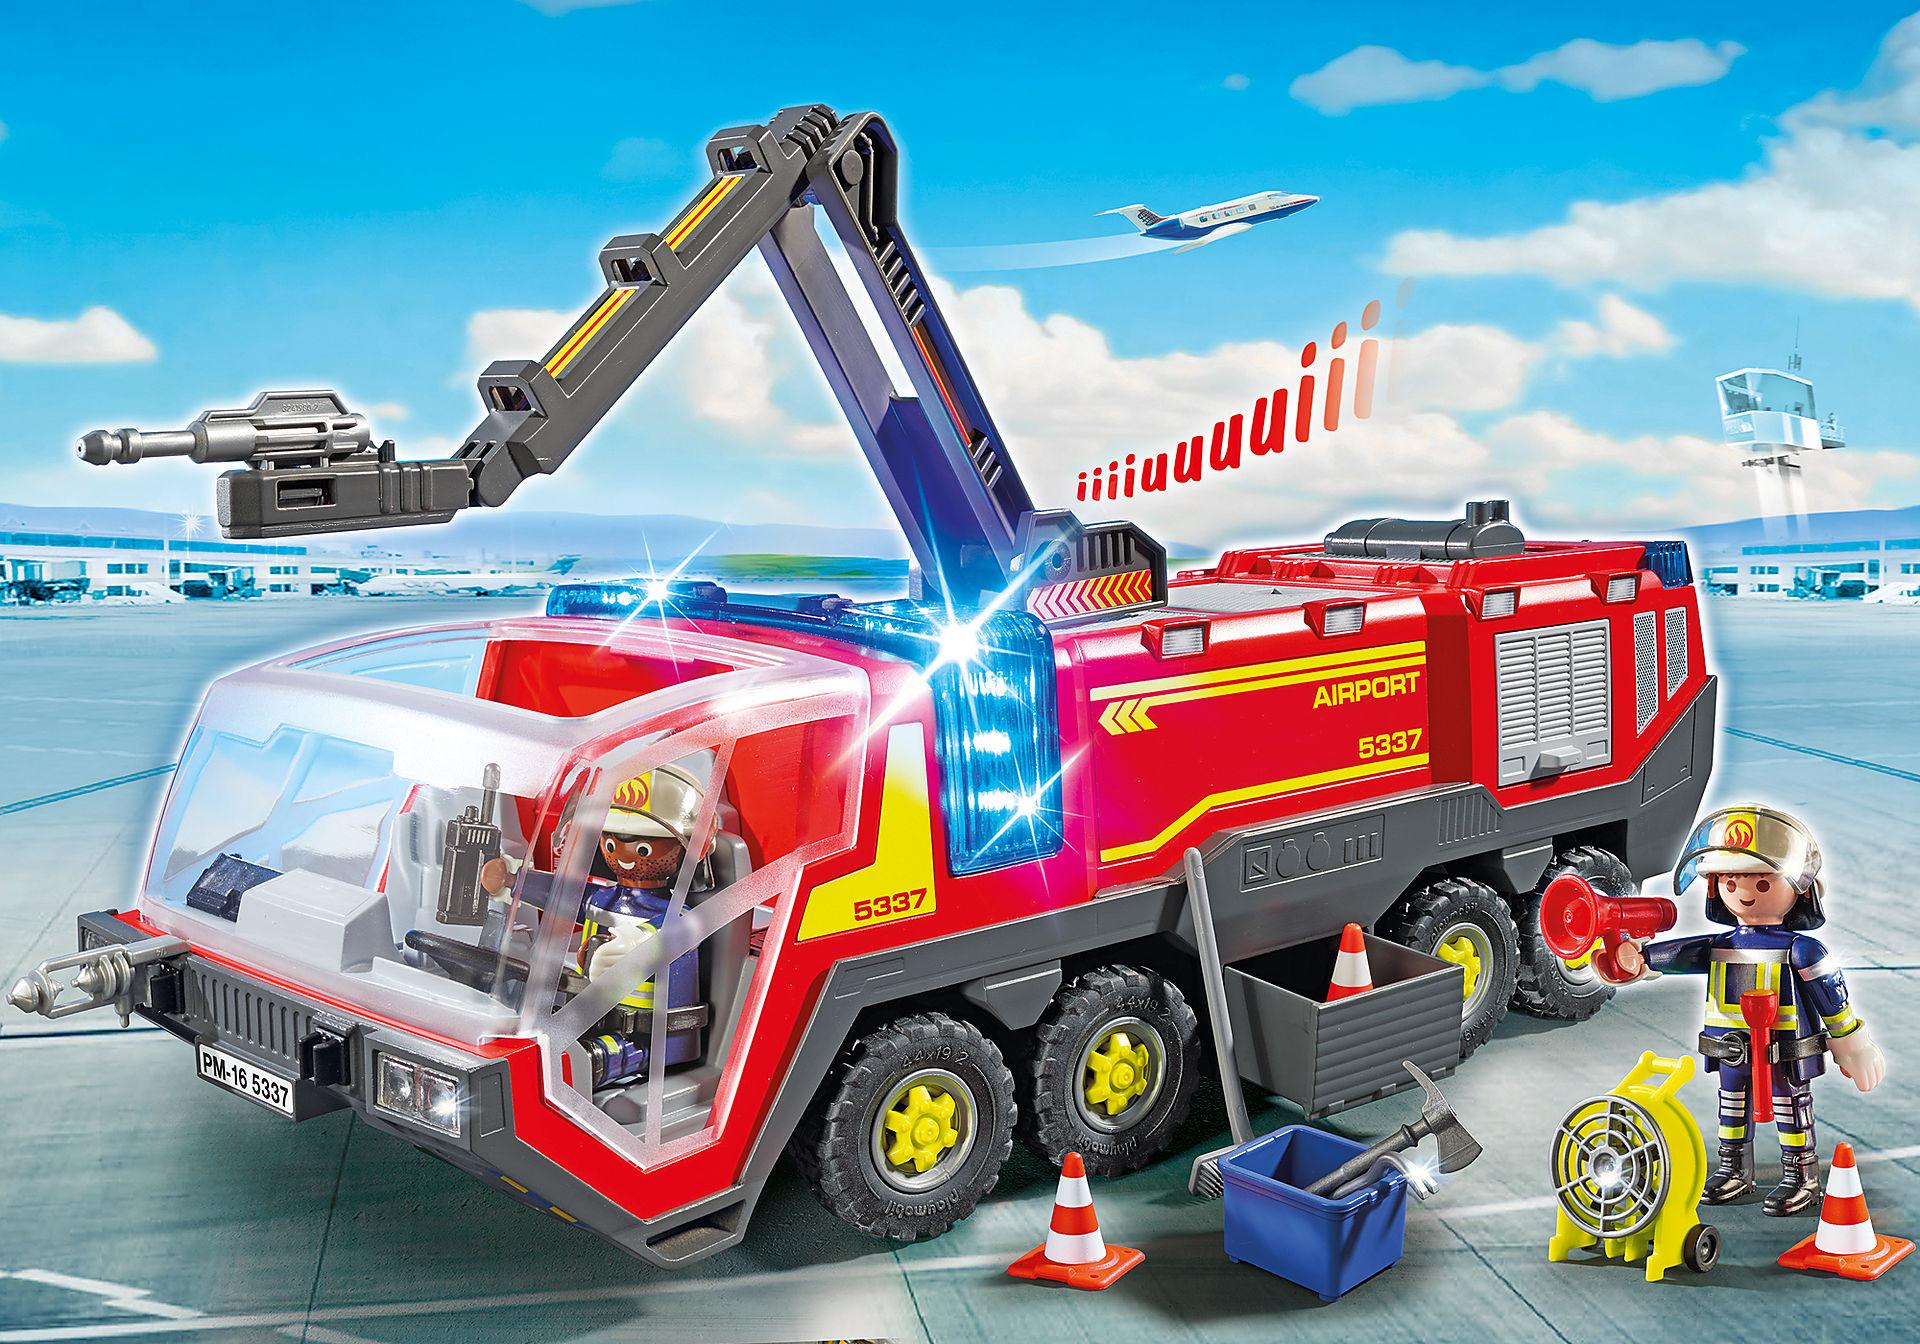 5337 Pojazd strażacki na lotnisku ze światłem zoom image1